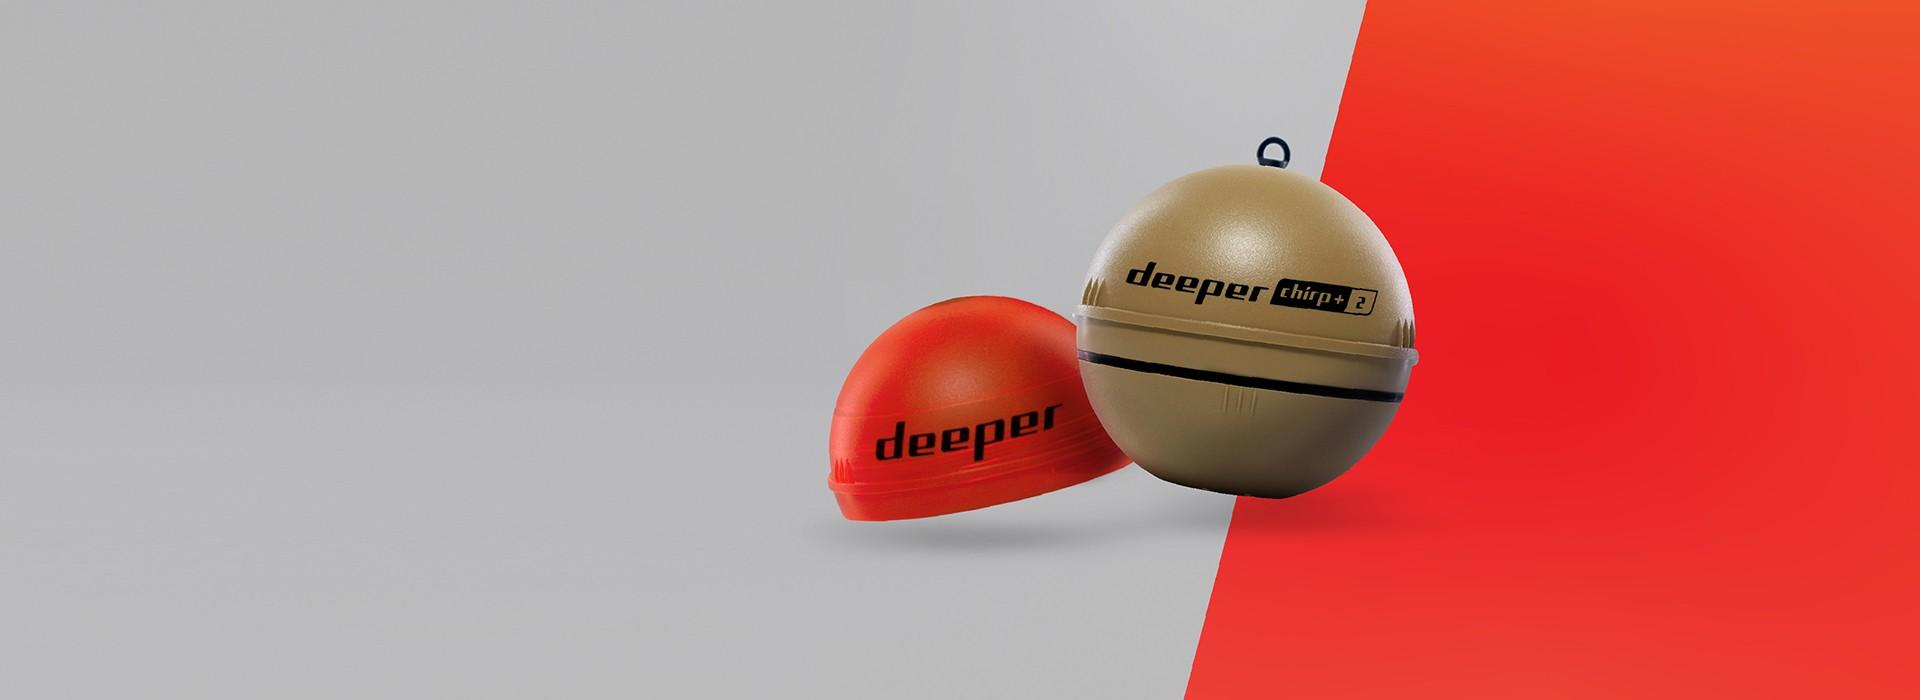 Maak kennis met de nieuweDeeper CHIRP+ 2! De krachtigste sonar die we ooit gemaakt hebben. Tot nu toe.